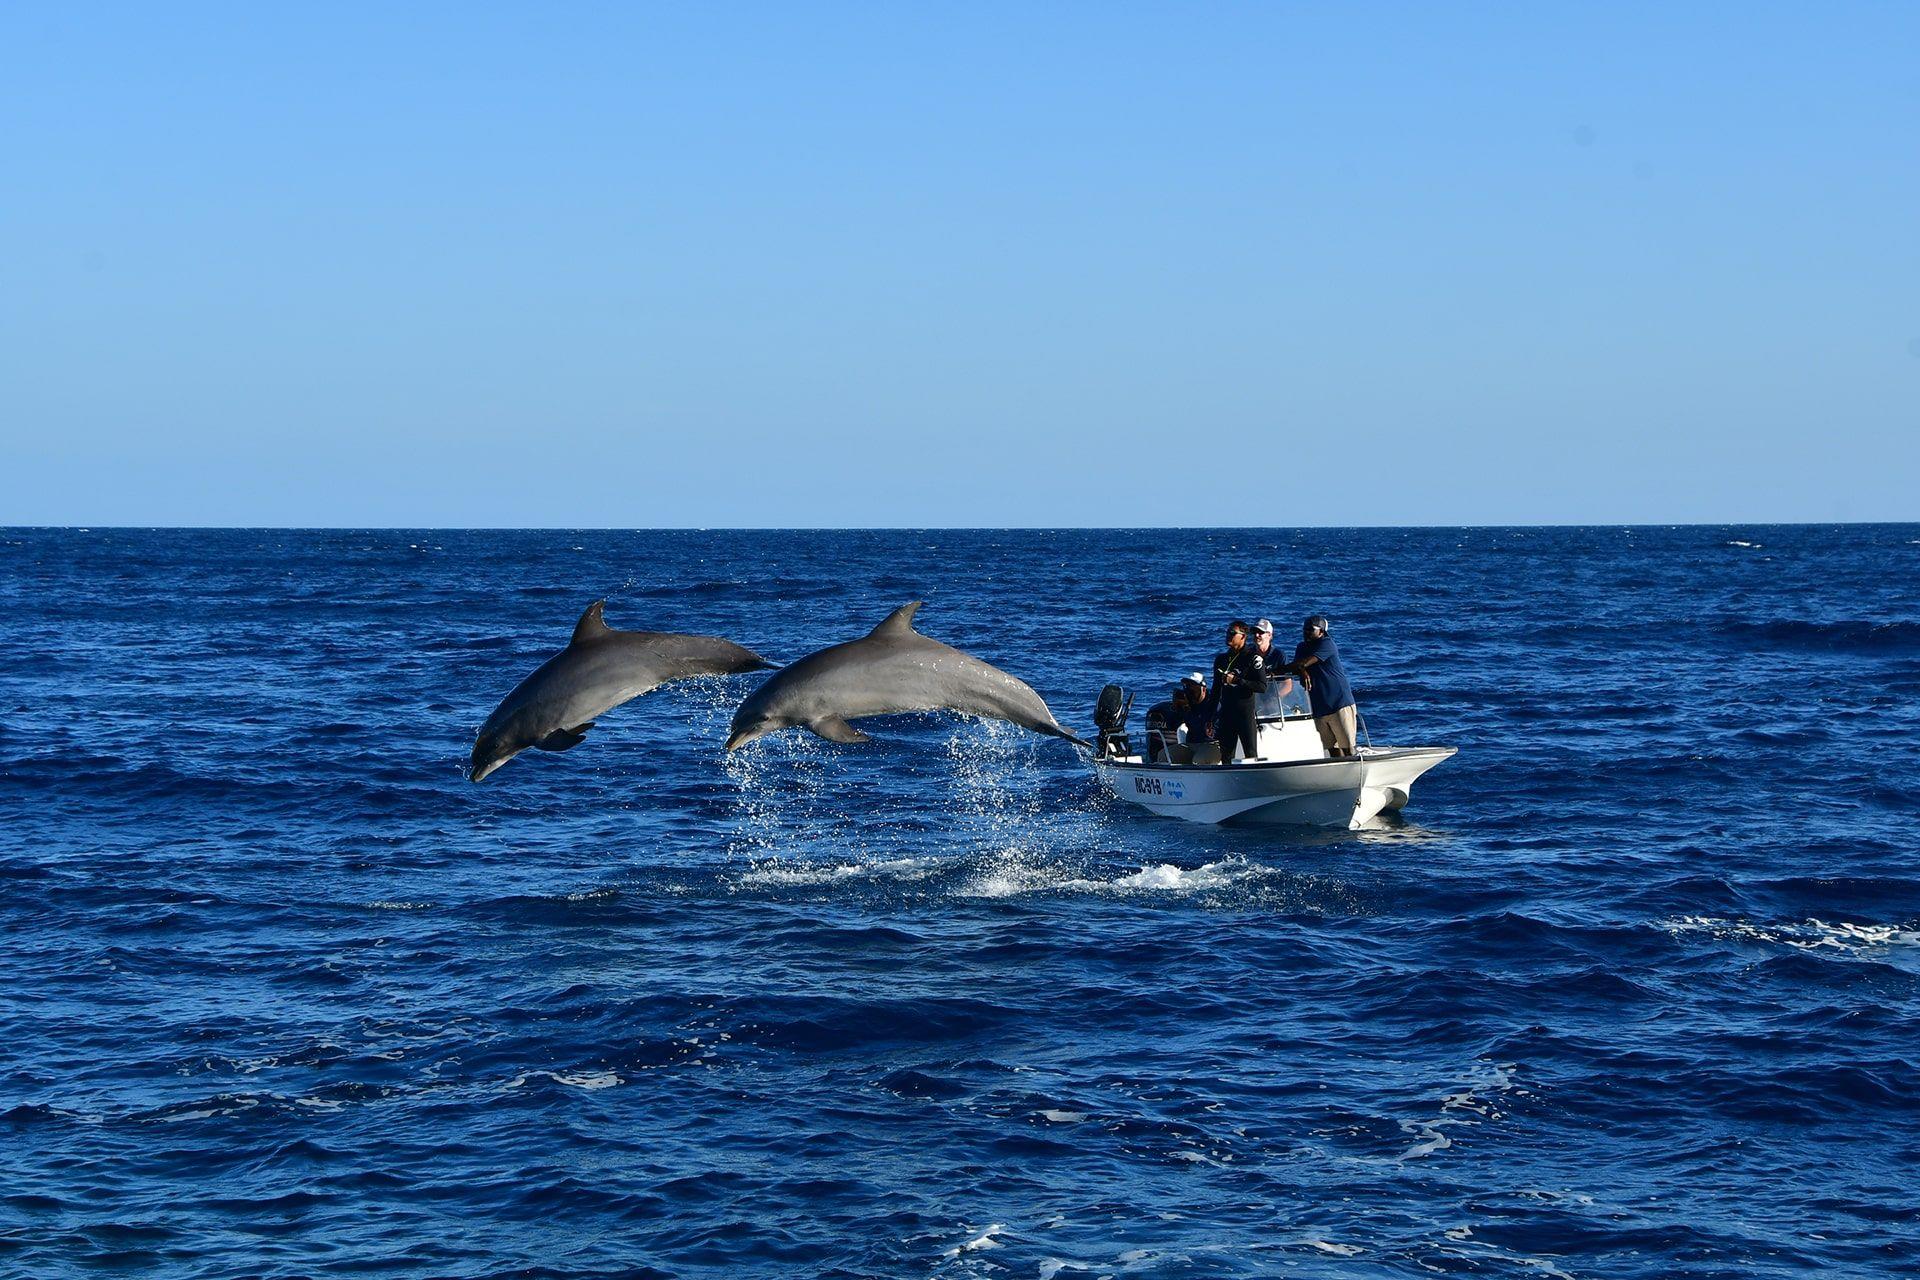 Dos delfines recibiendo entrenamiento de entrenadores en mar abierto.